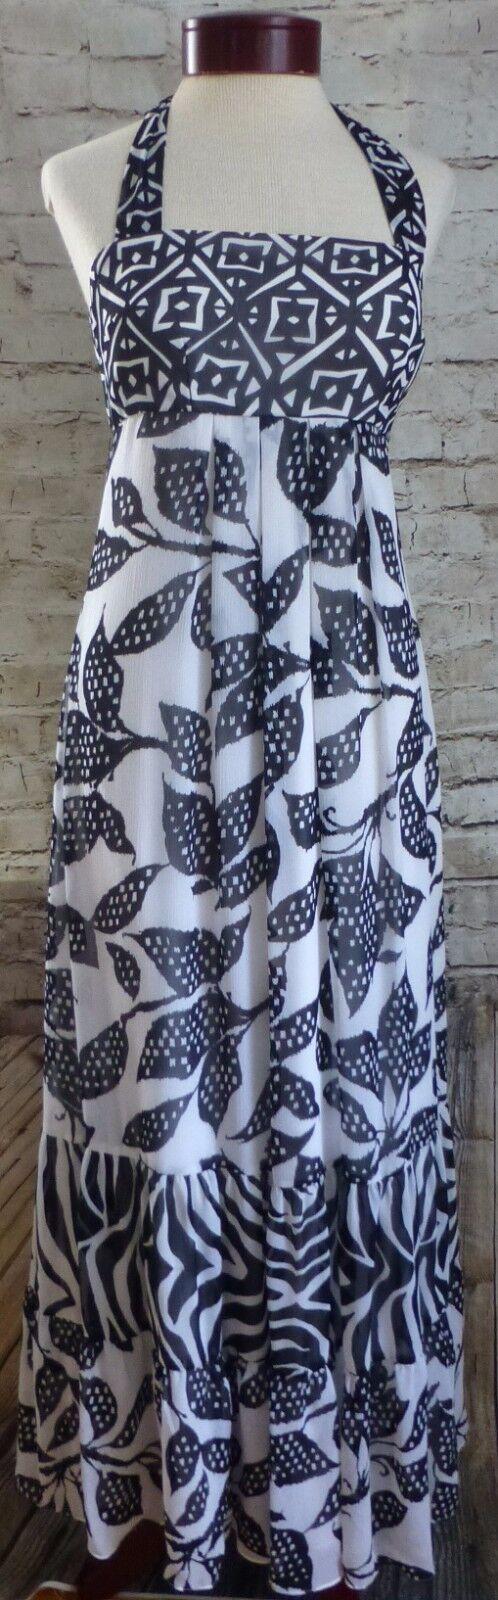 Weiß House schwarz Market Floral Ruffled Woherren Long Dress Größe 4 Halter